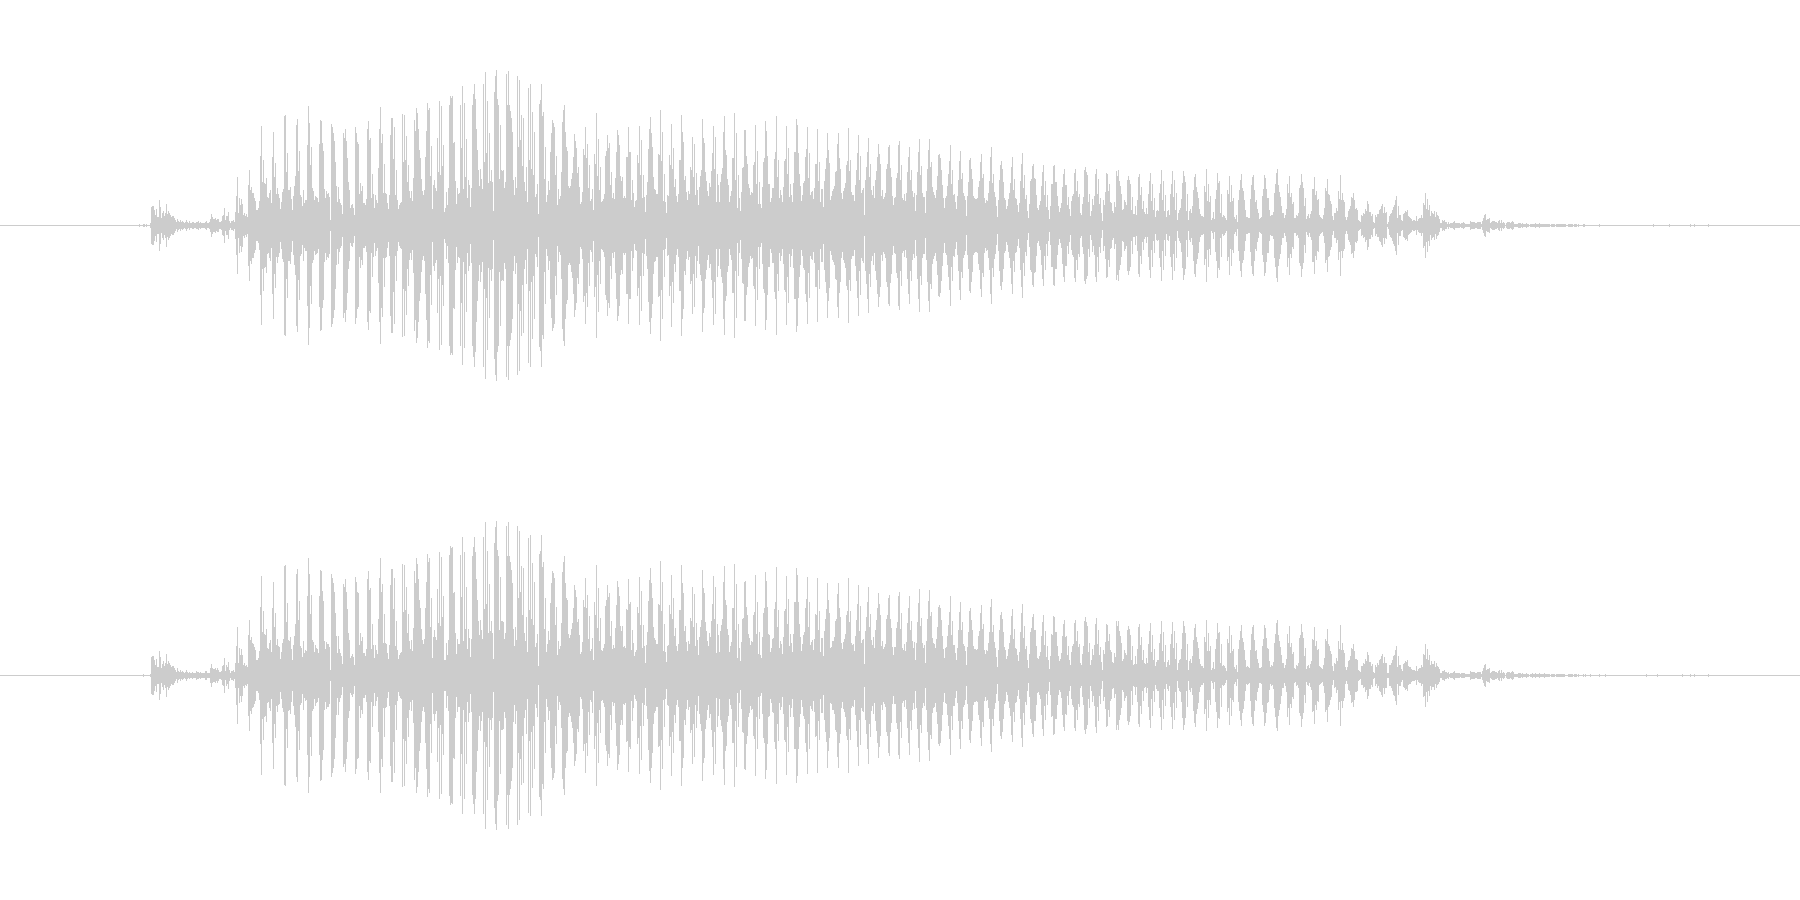 ゴー!(5としてもGo!としても使える)の未再生の波形